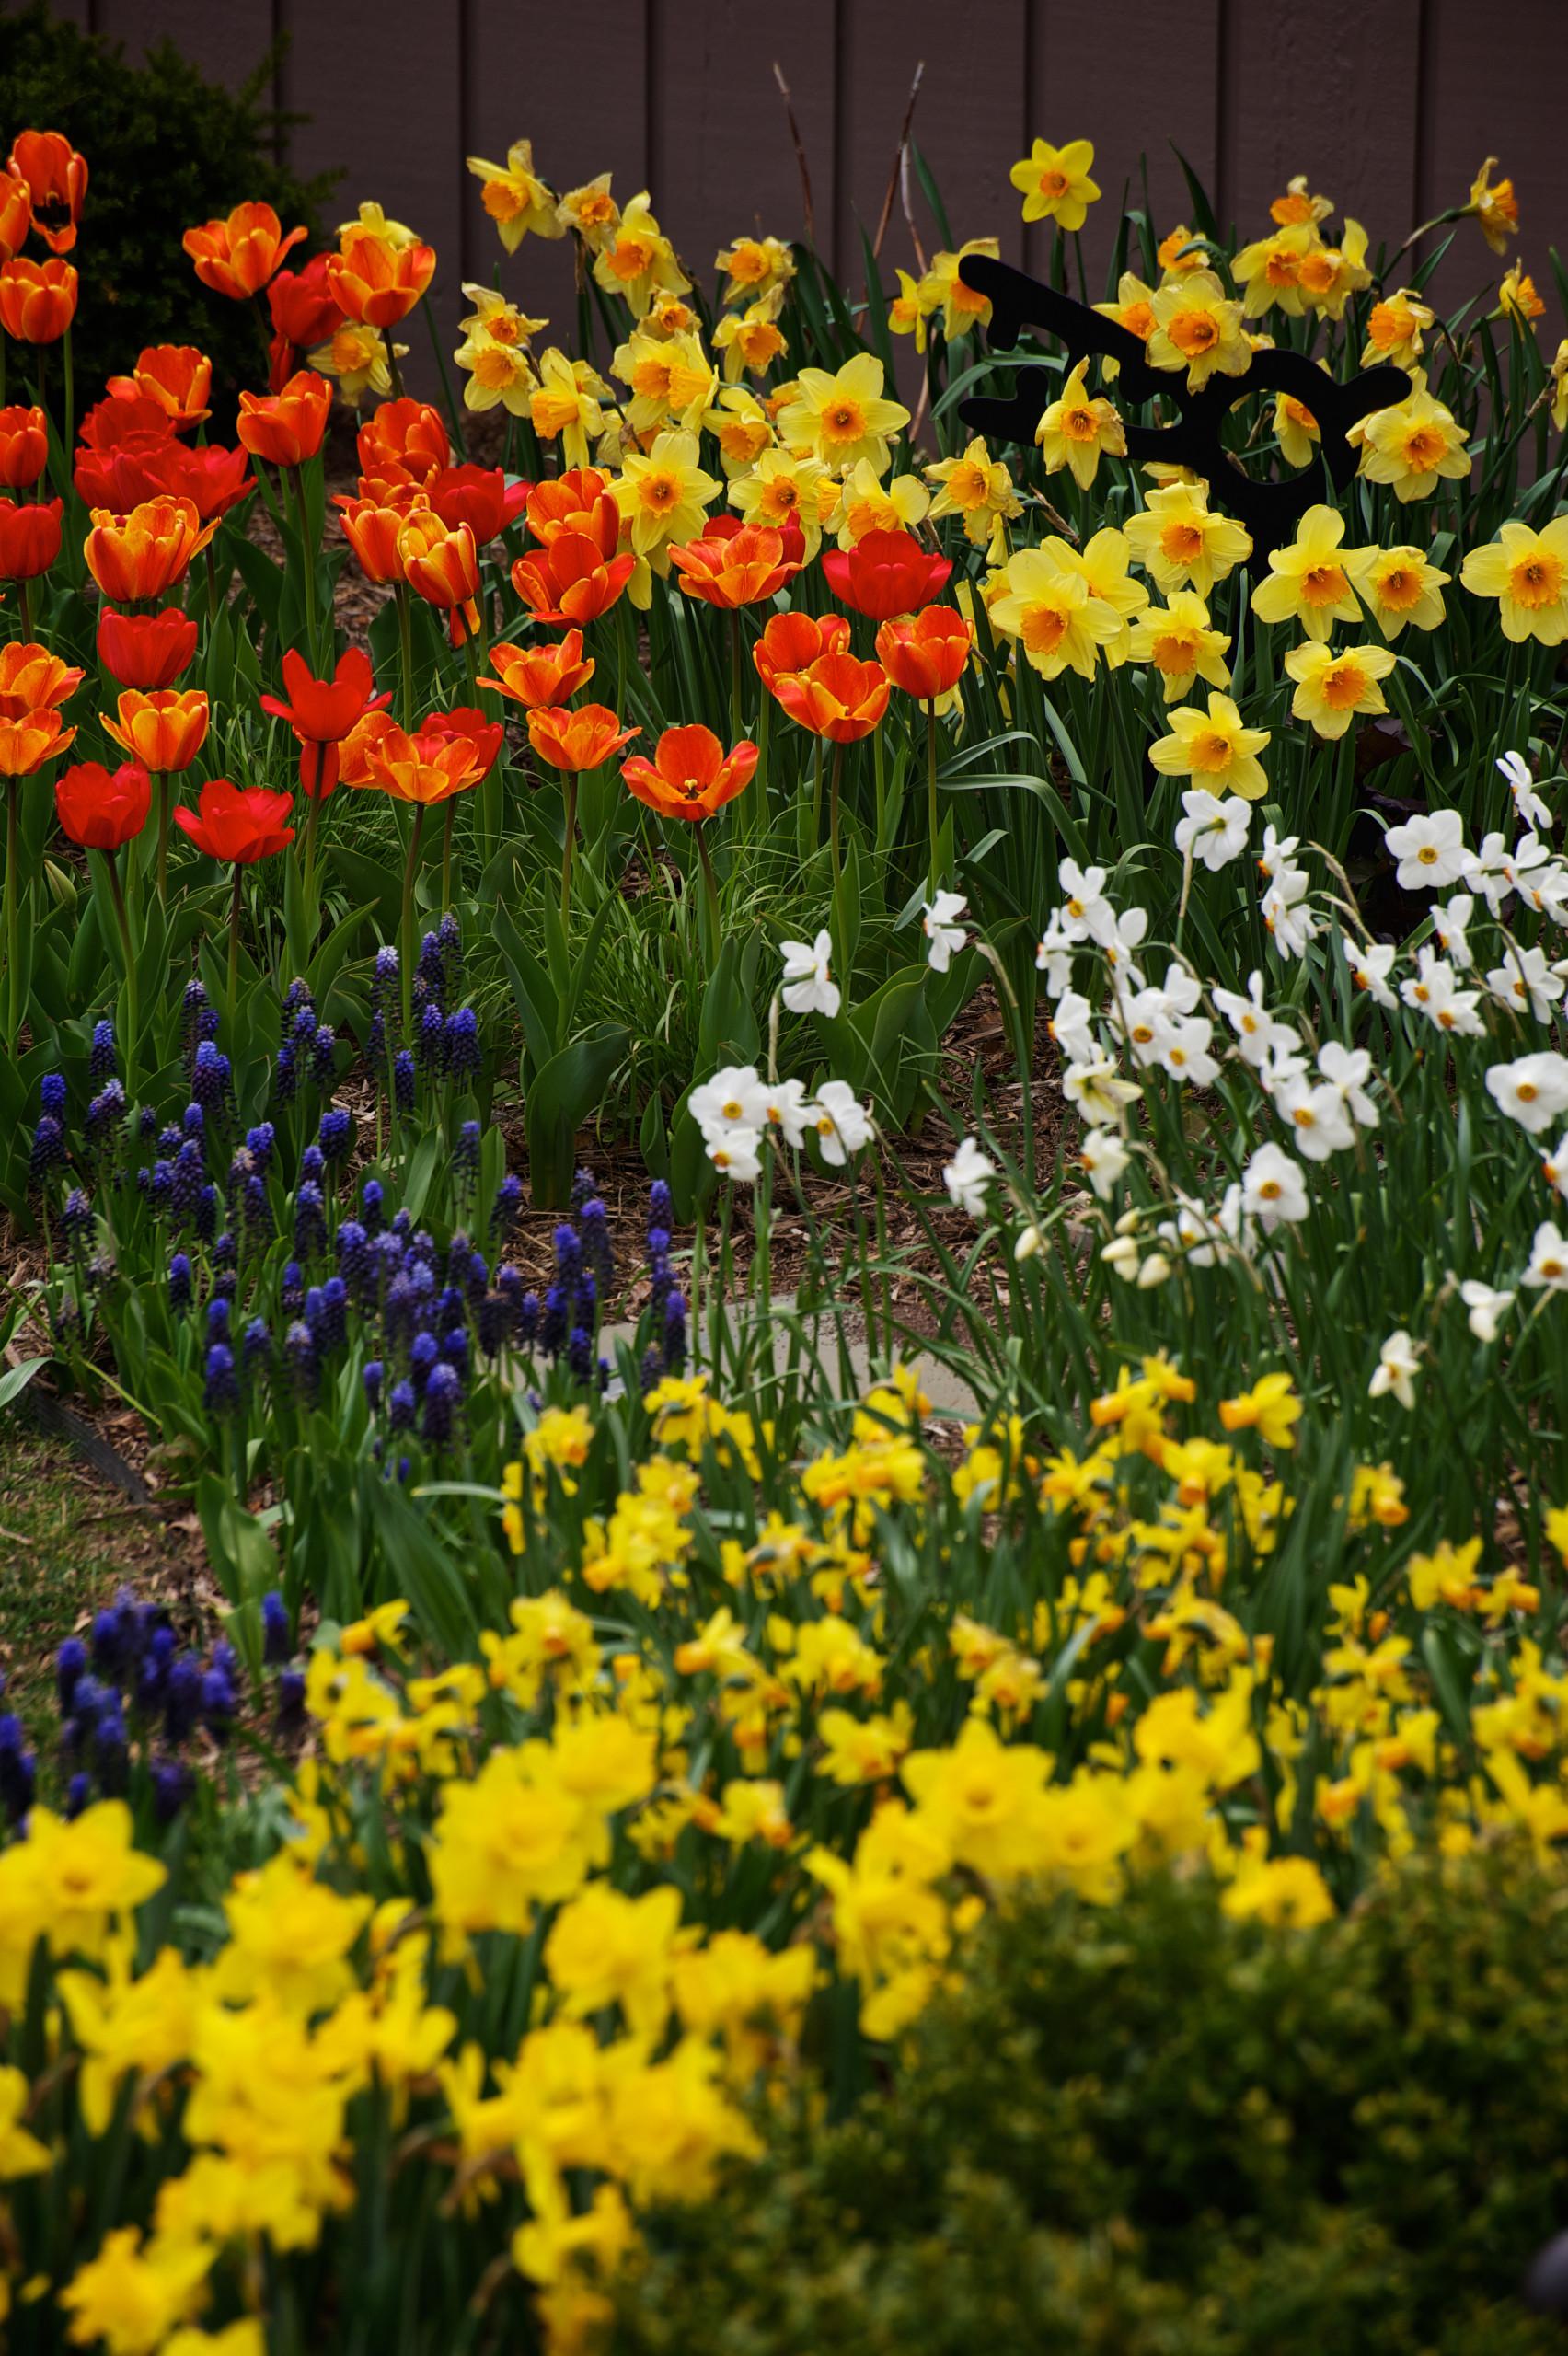 Mequon - Spring Bulb Splendor